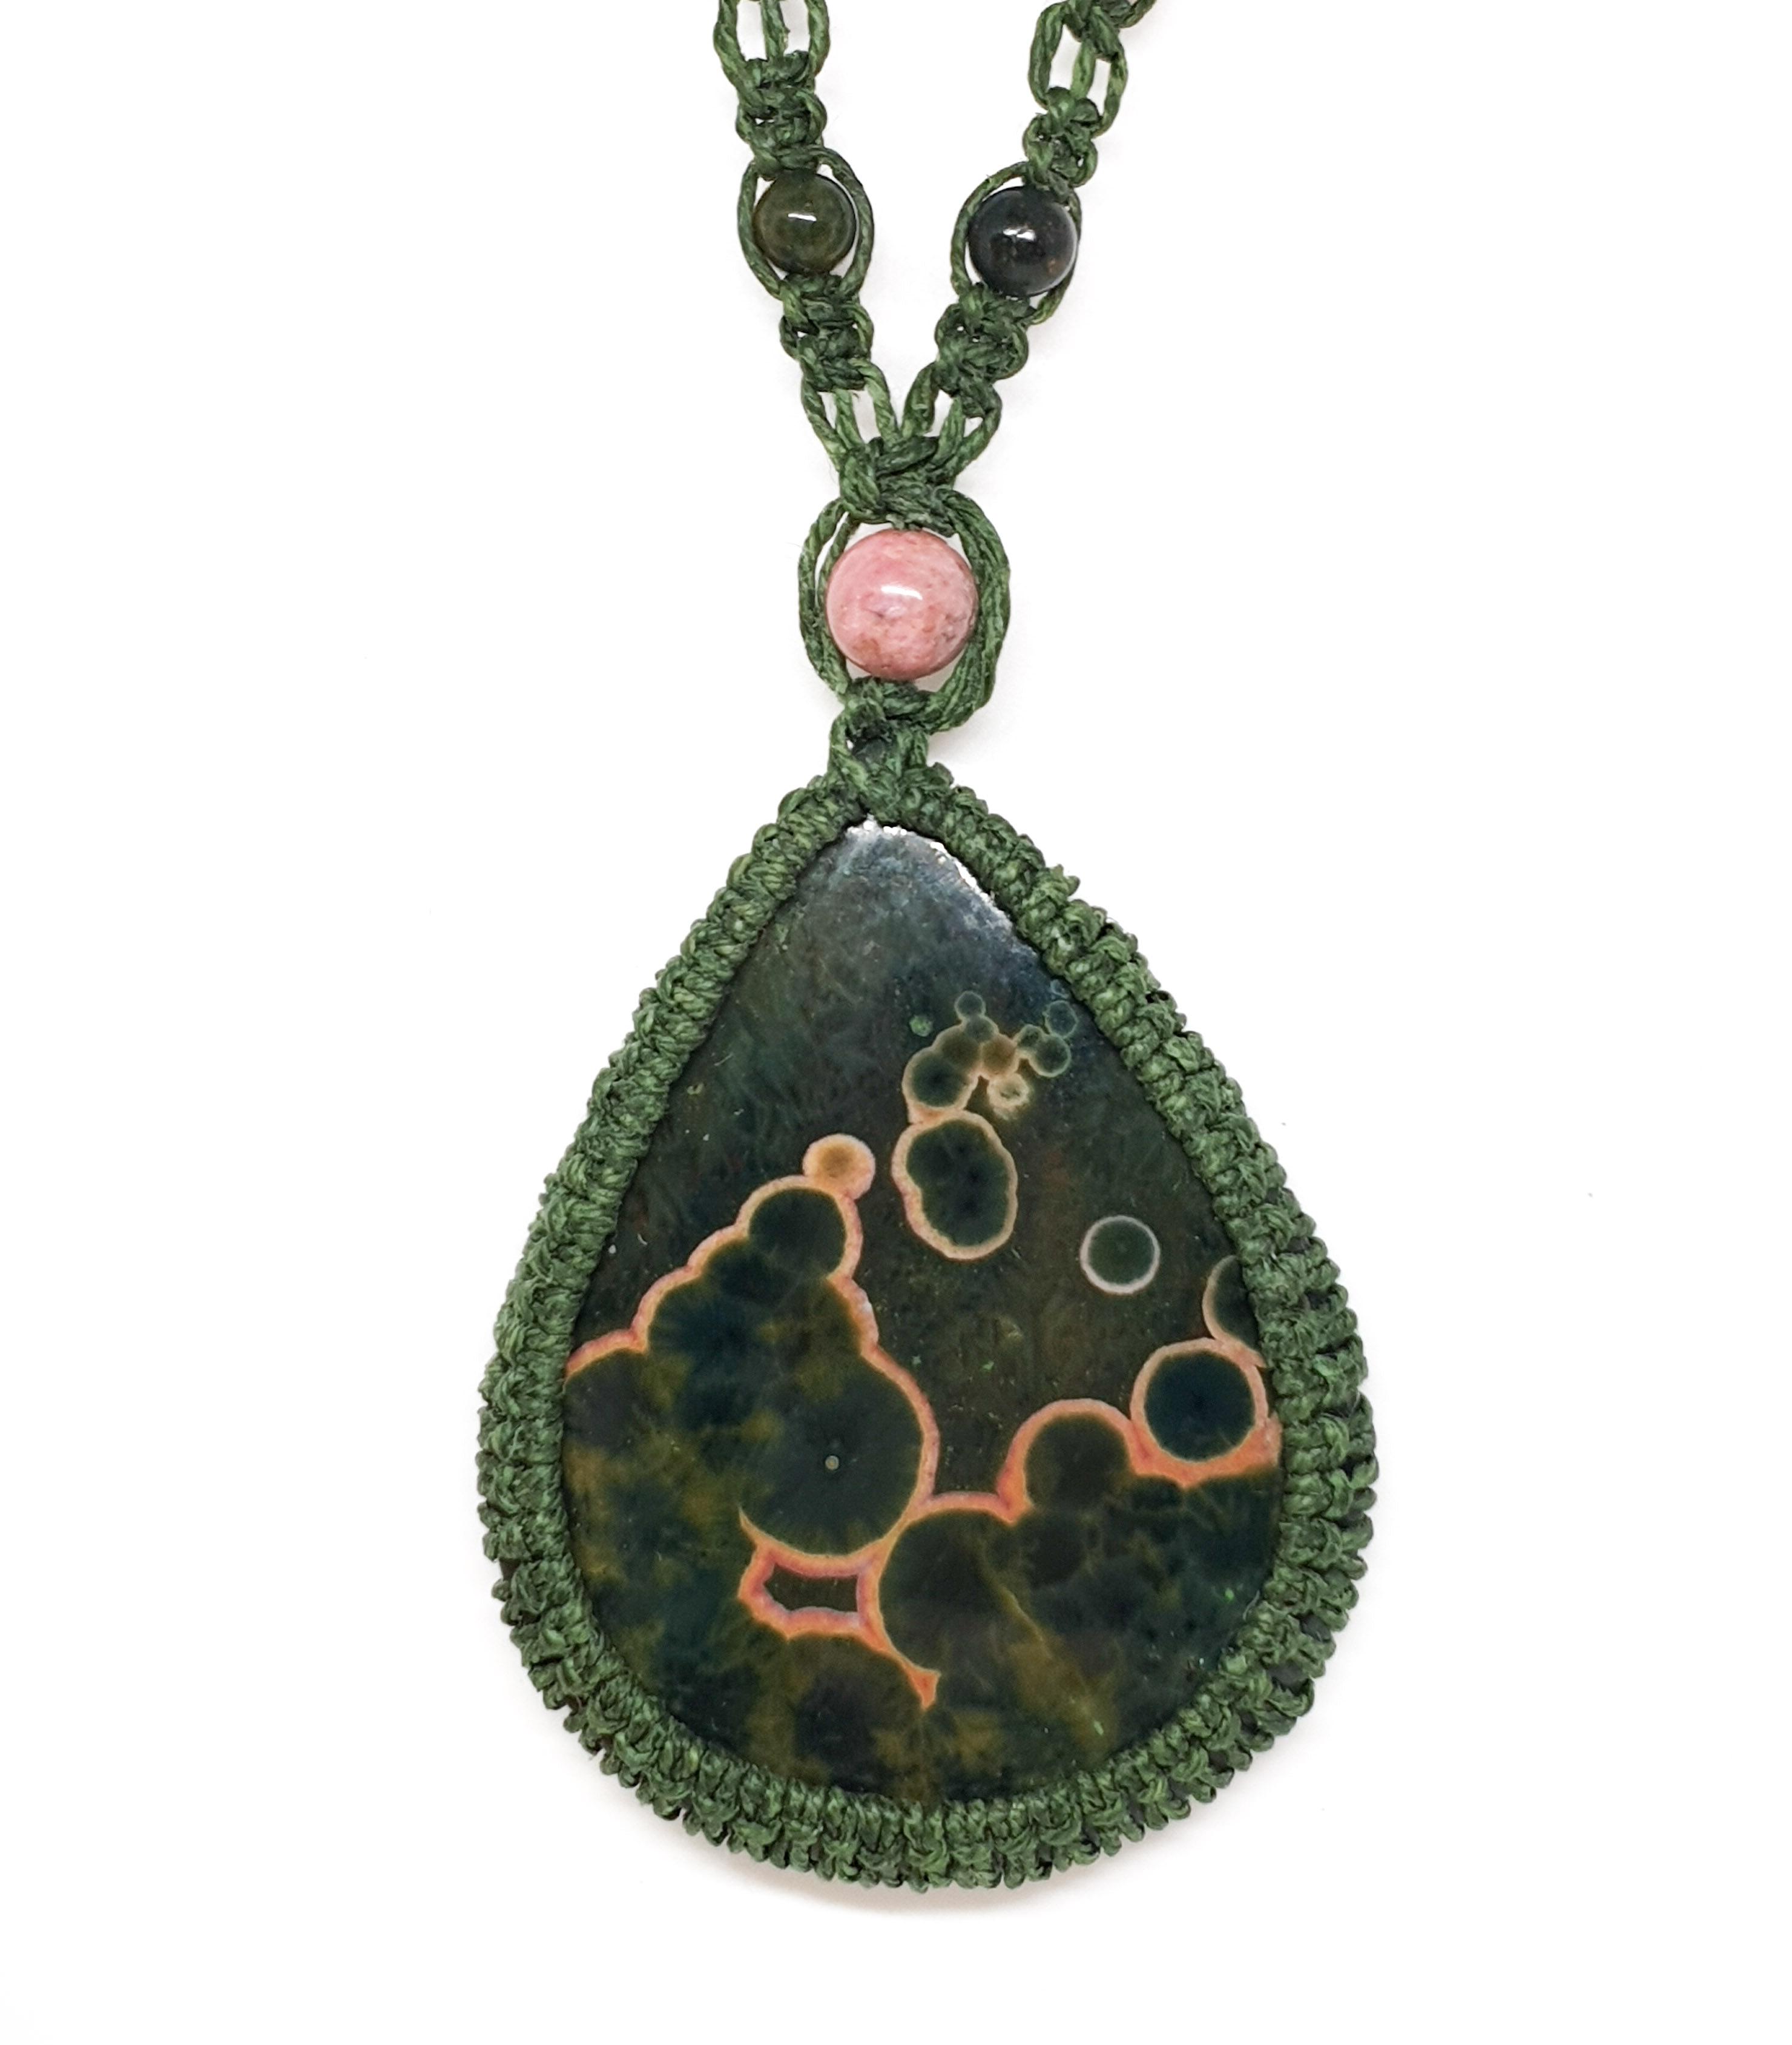 שרשרת מקרמה אבן ירוקה אושן ג'ספר